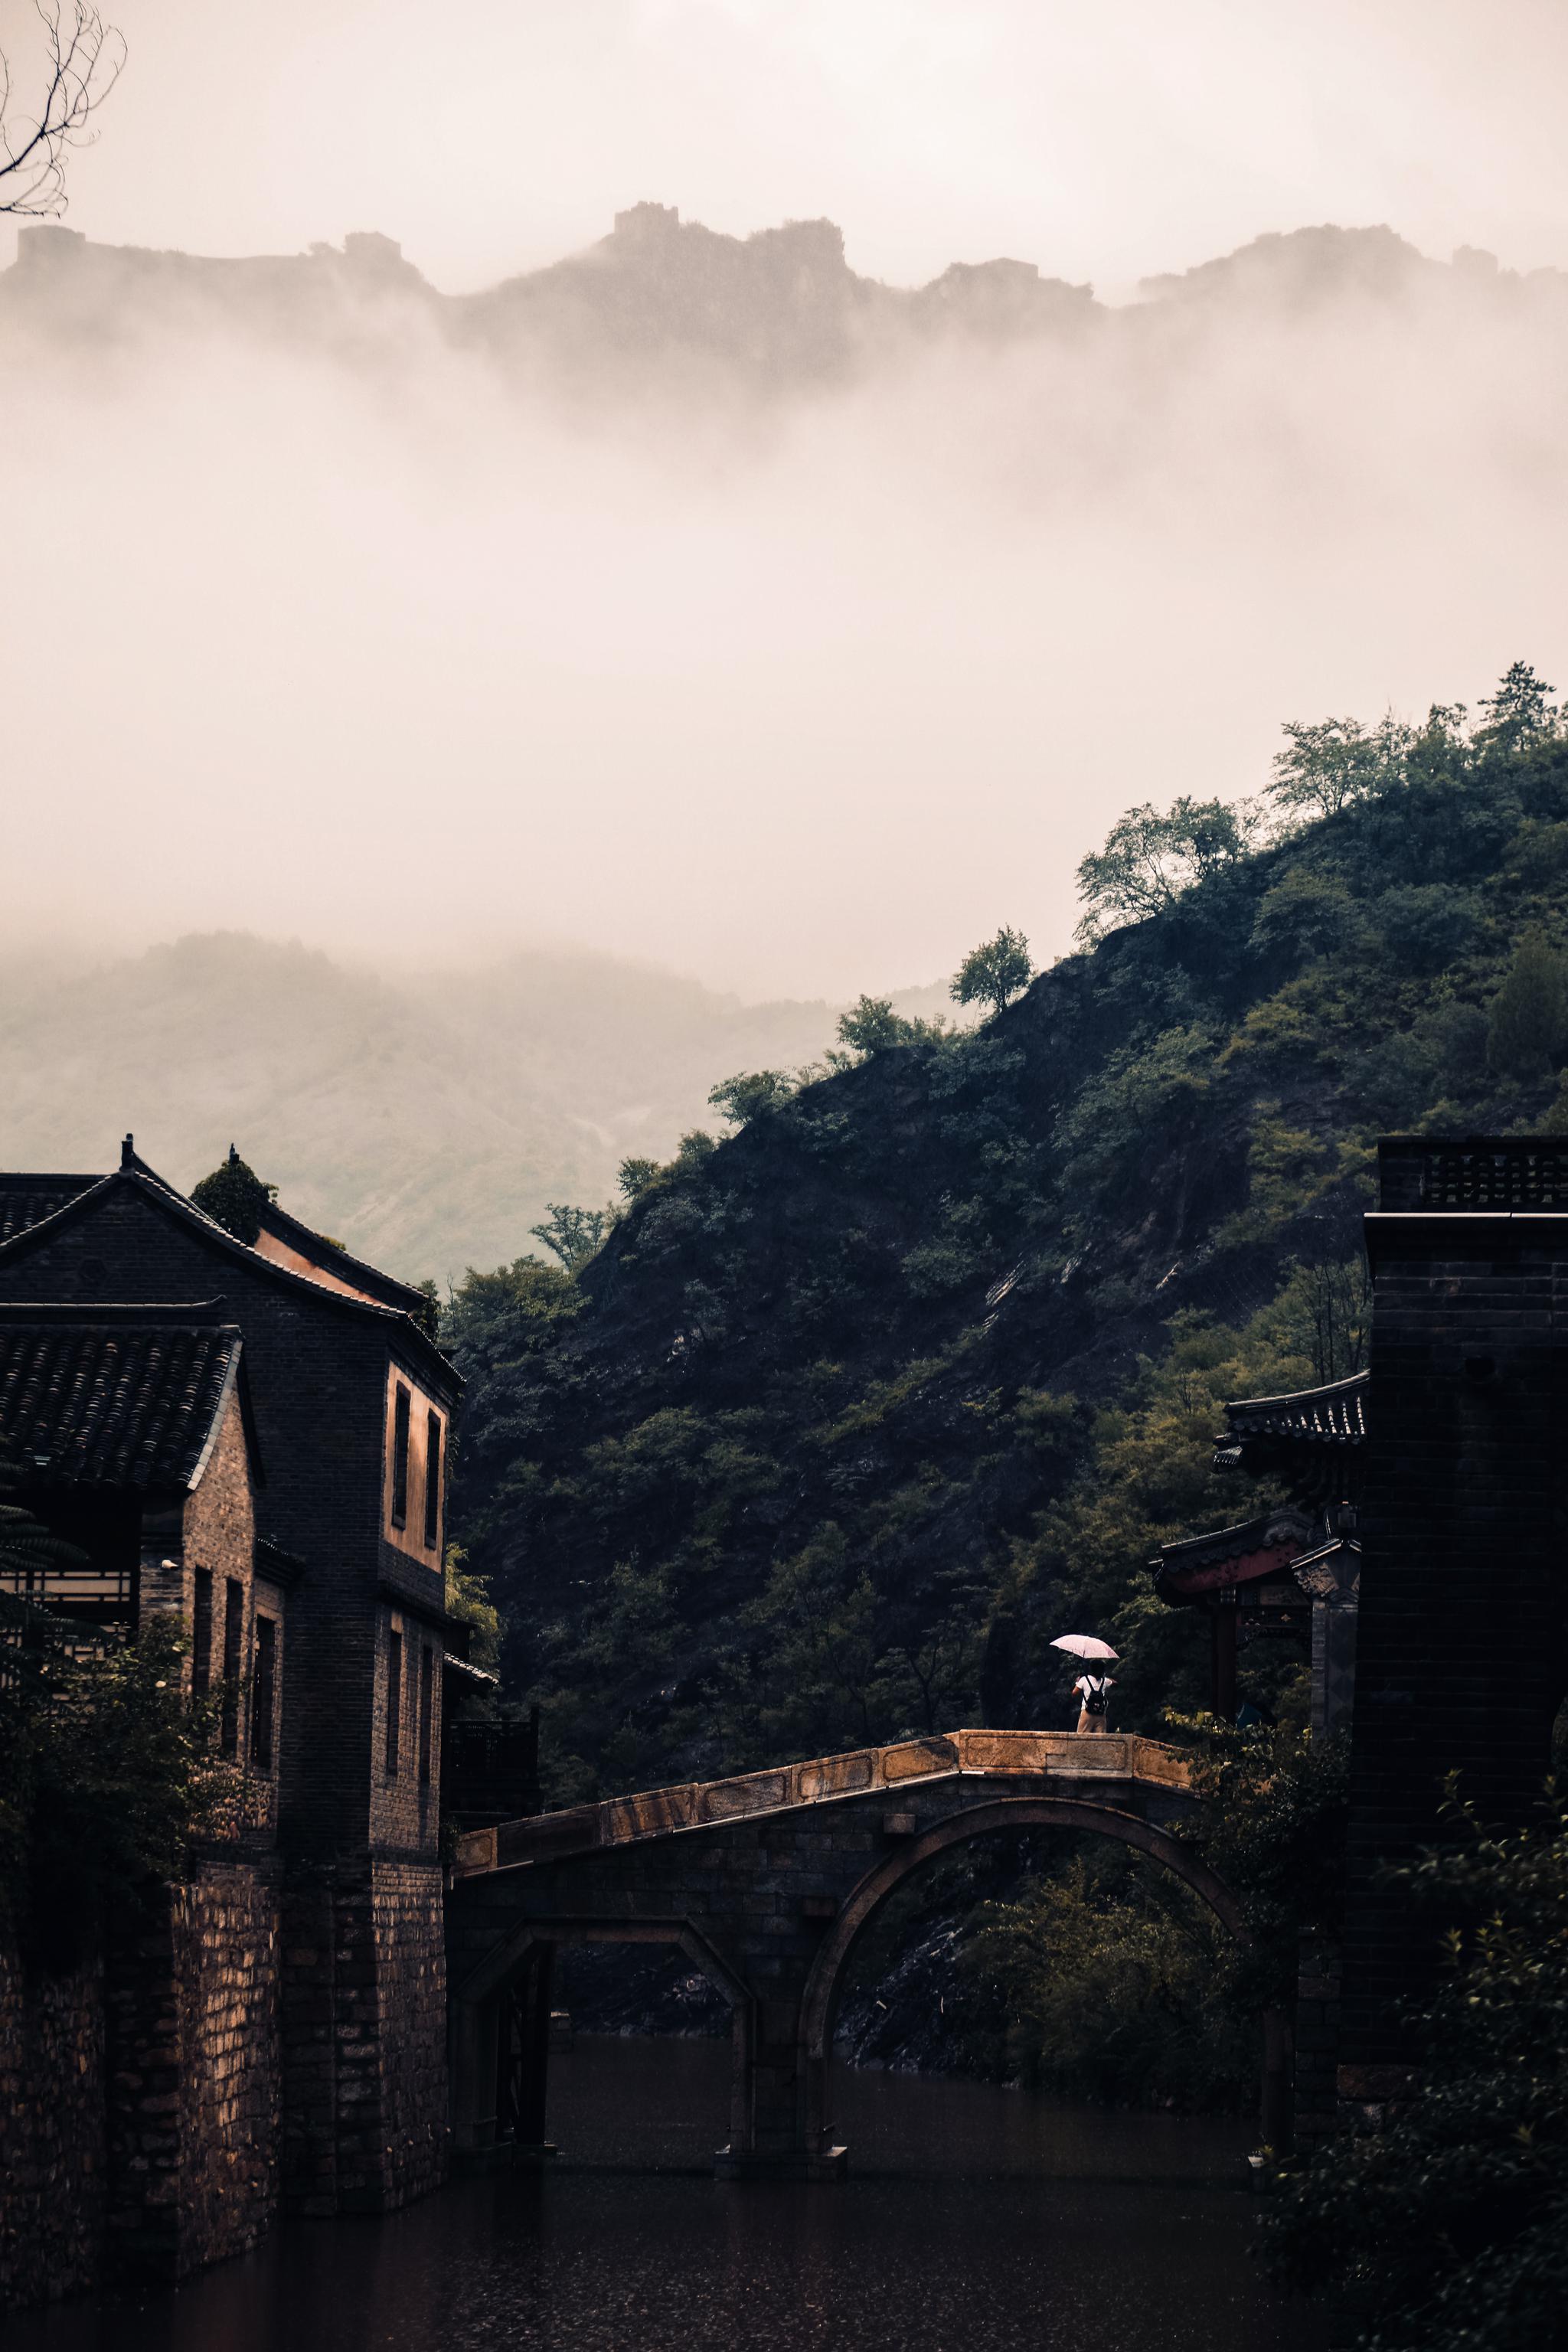 烟雨中的古北水镇